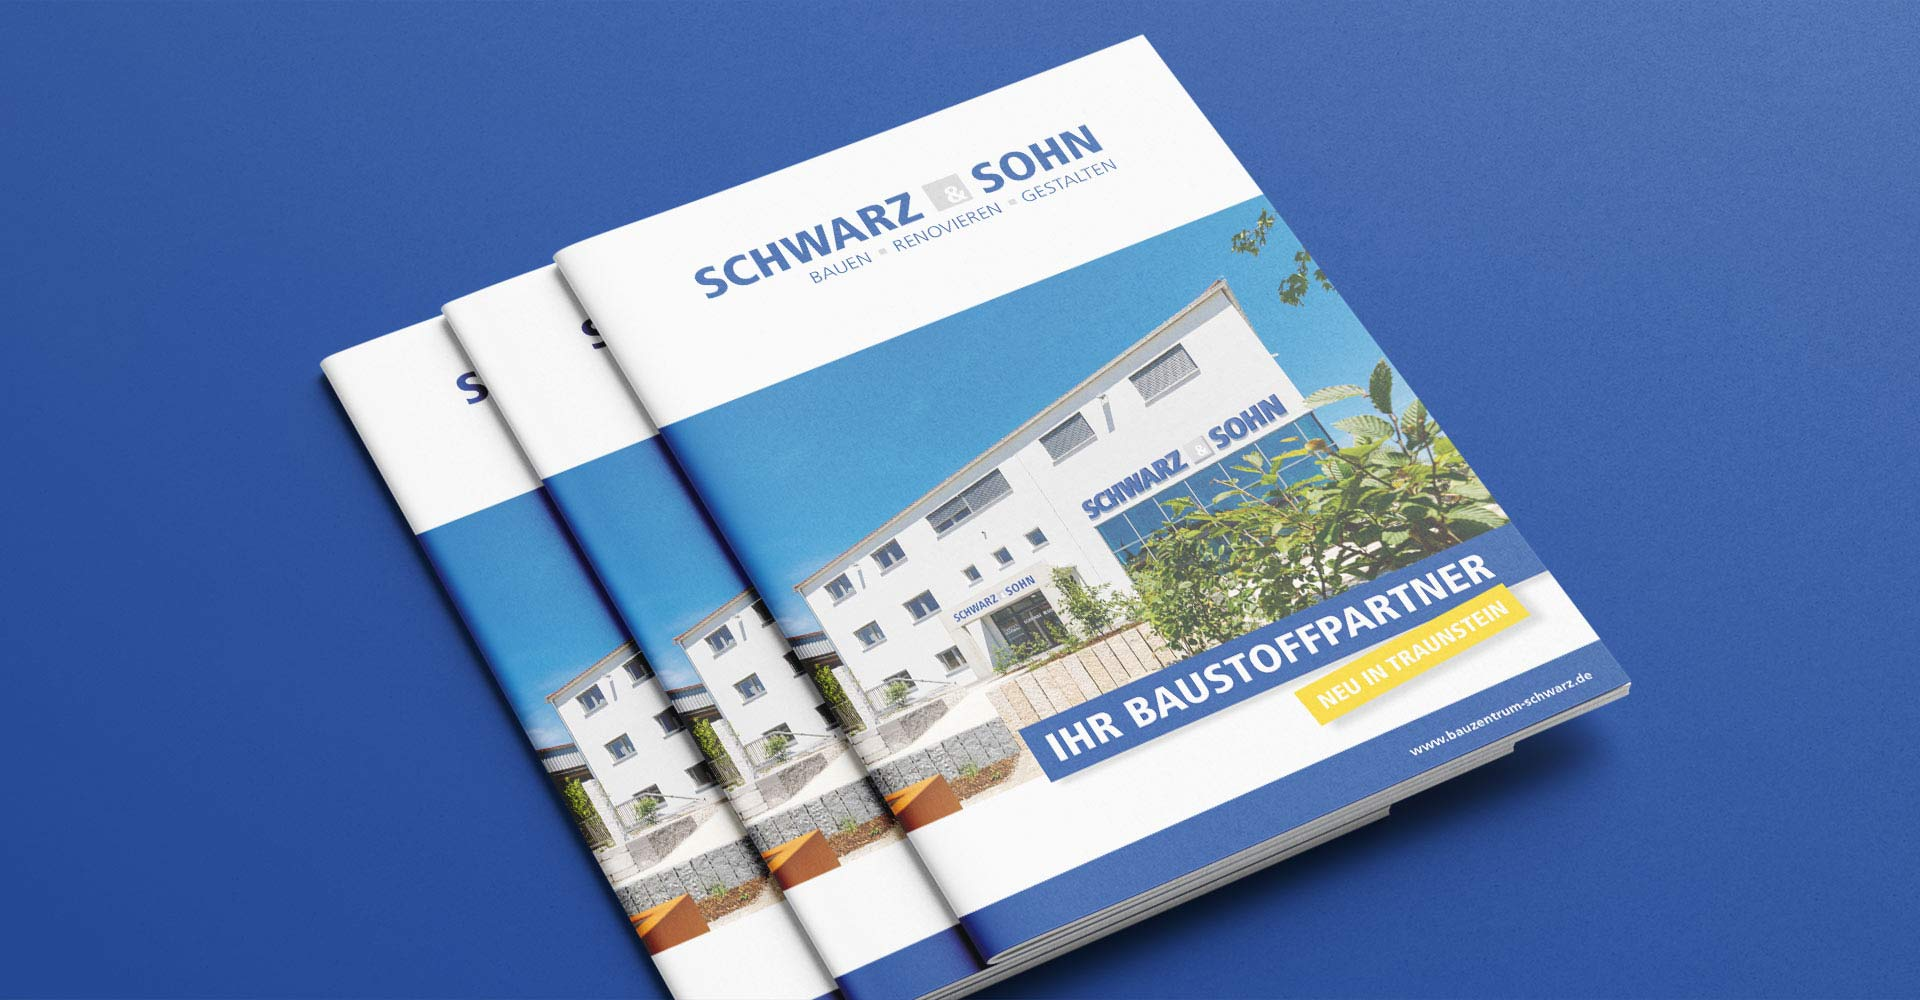 OPUS Marketing / Projekt / Schwarz und Sohn / Kampagne Broschüre